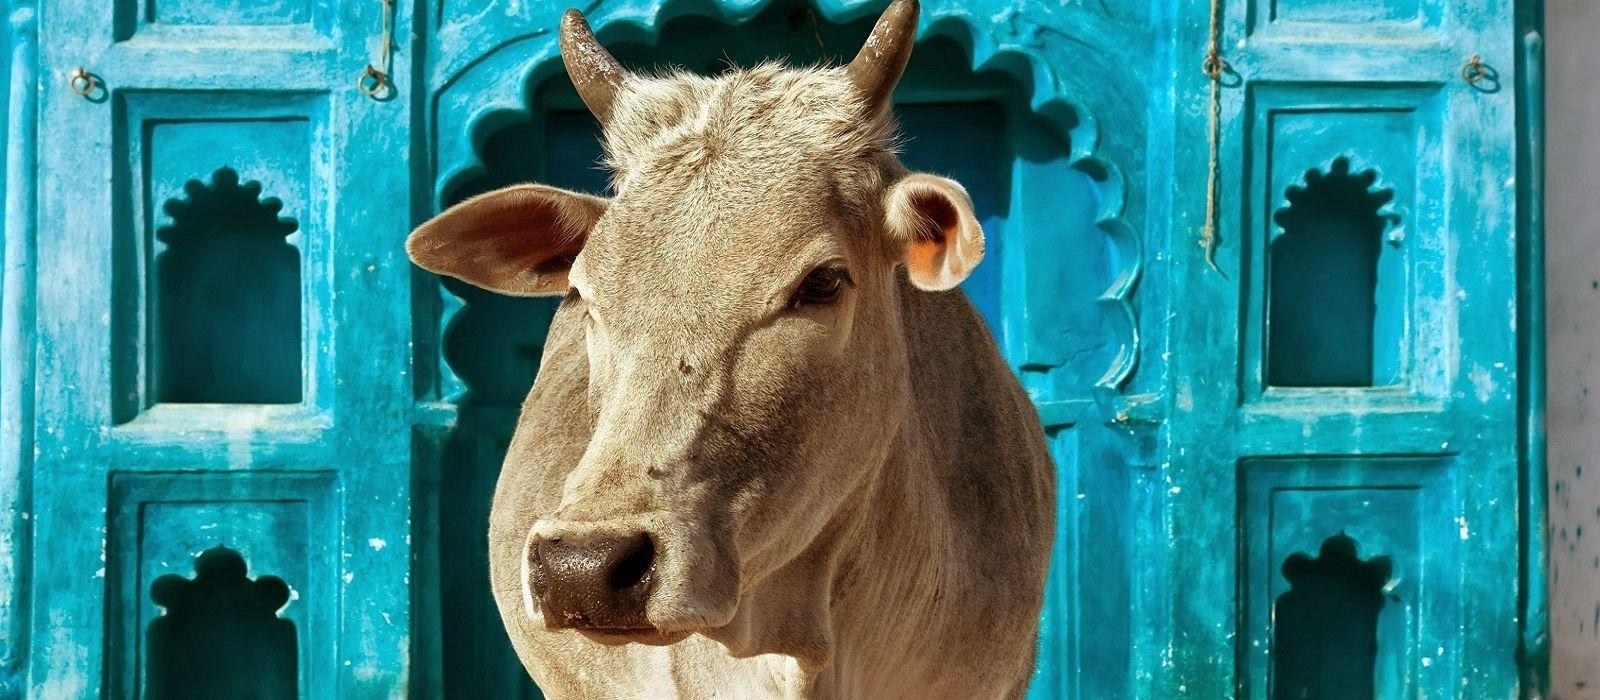 Bezaubernde Nordindien Reise – klassisch & komfortabel Urlaub 10